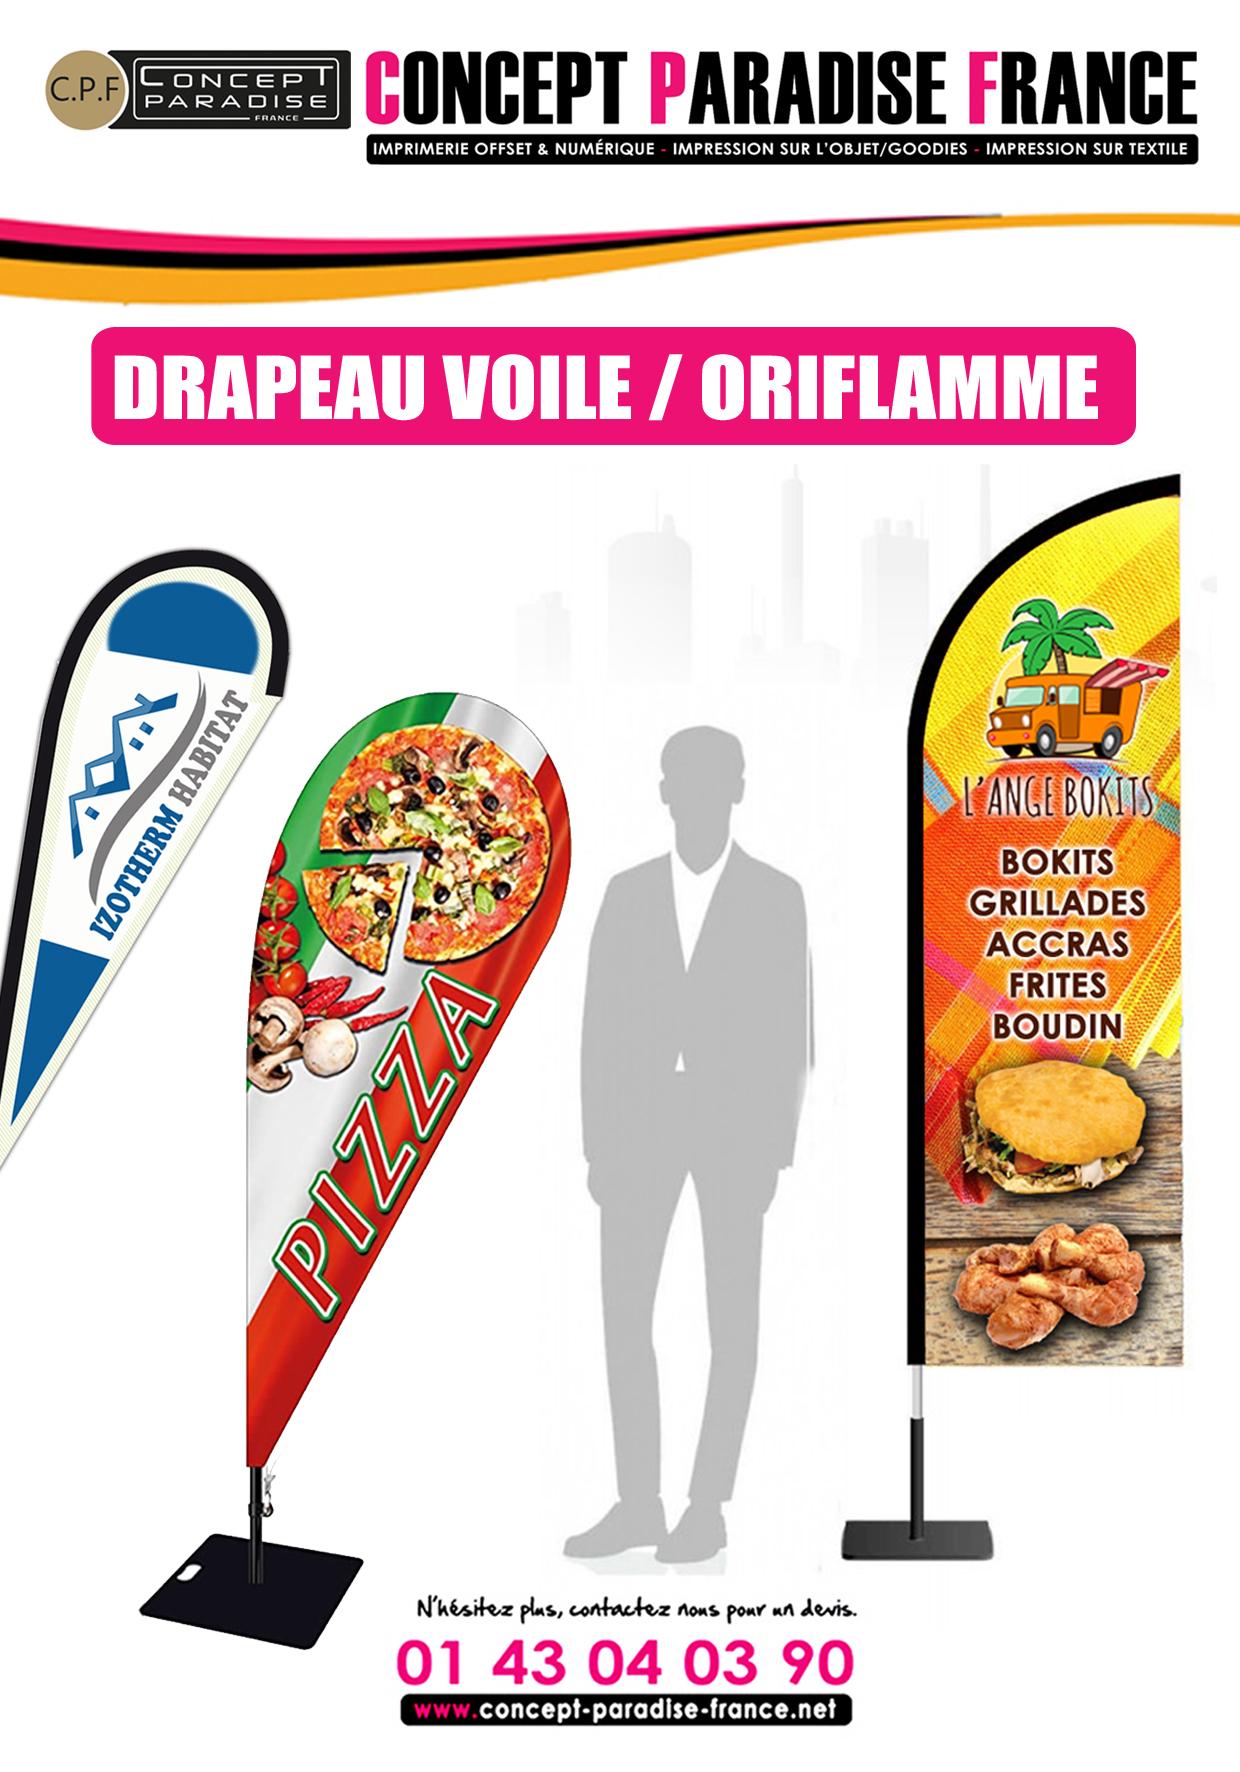 DRAPEAU VOILE